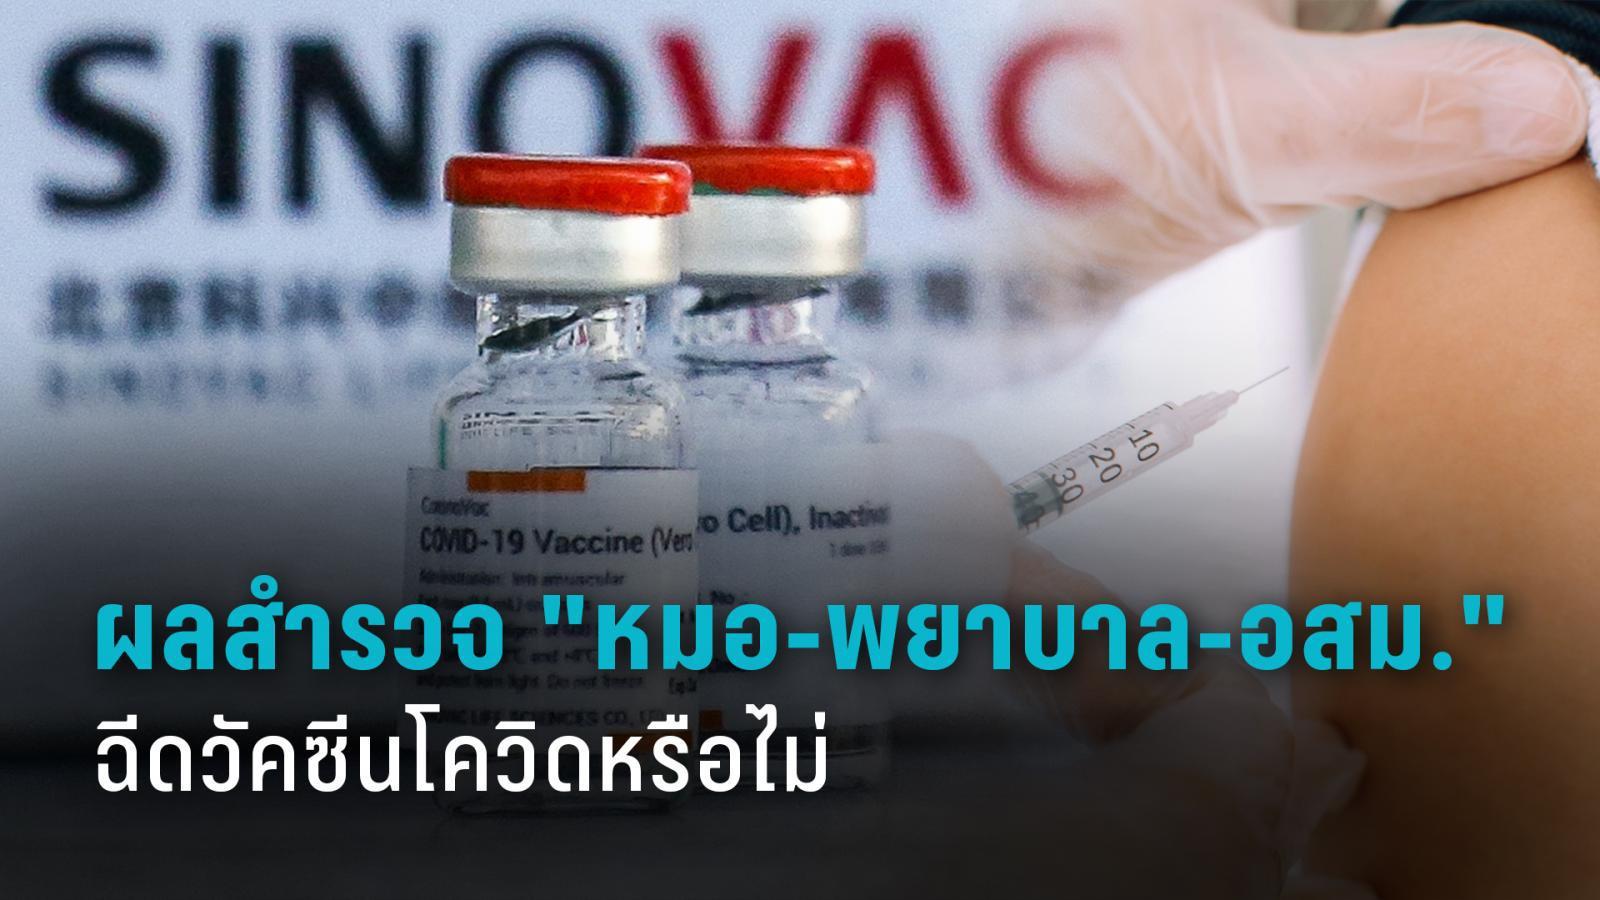 """ผลสำรวจบุคลากรทางการแพทย์ที่มีต่อ """"วัคซีนโควิด-19"""""""